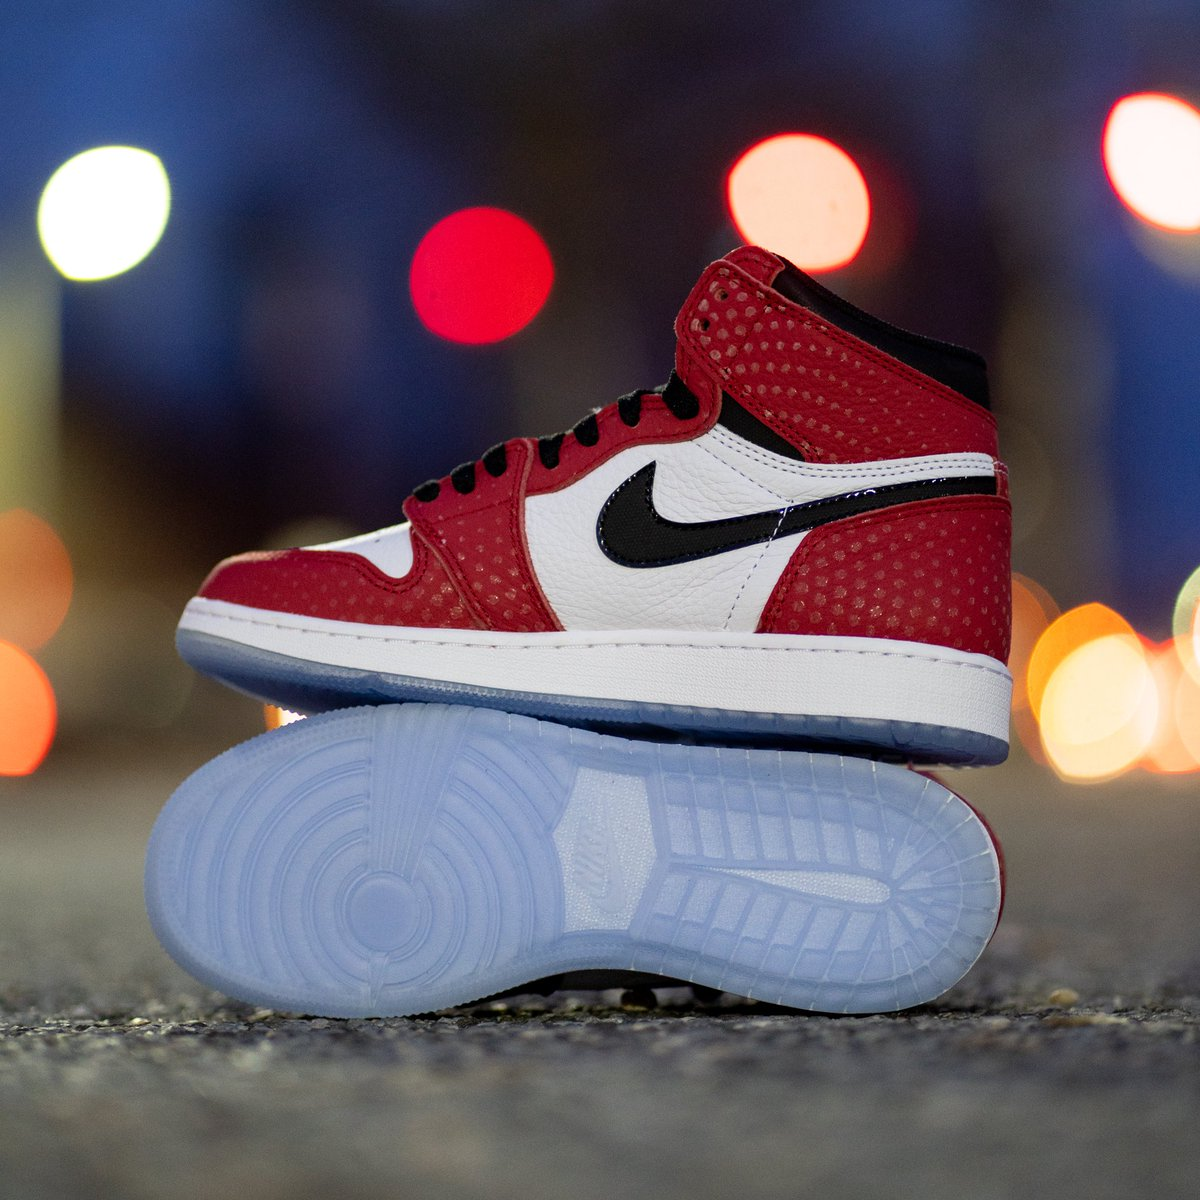 5592b0b7bc5b2e GB S Sneaker Shop on Twitter